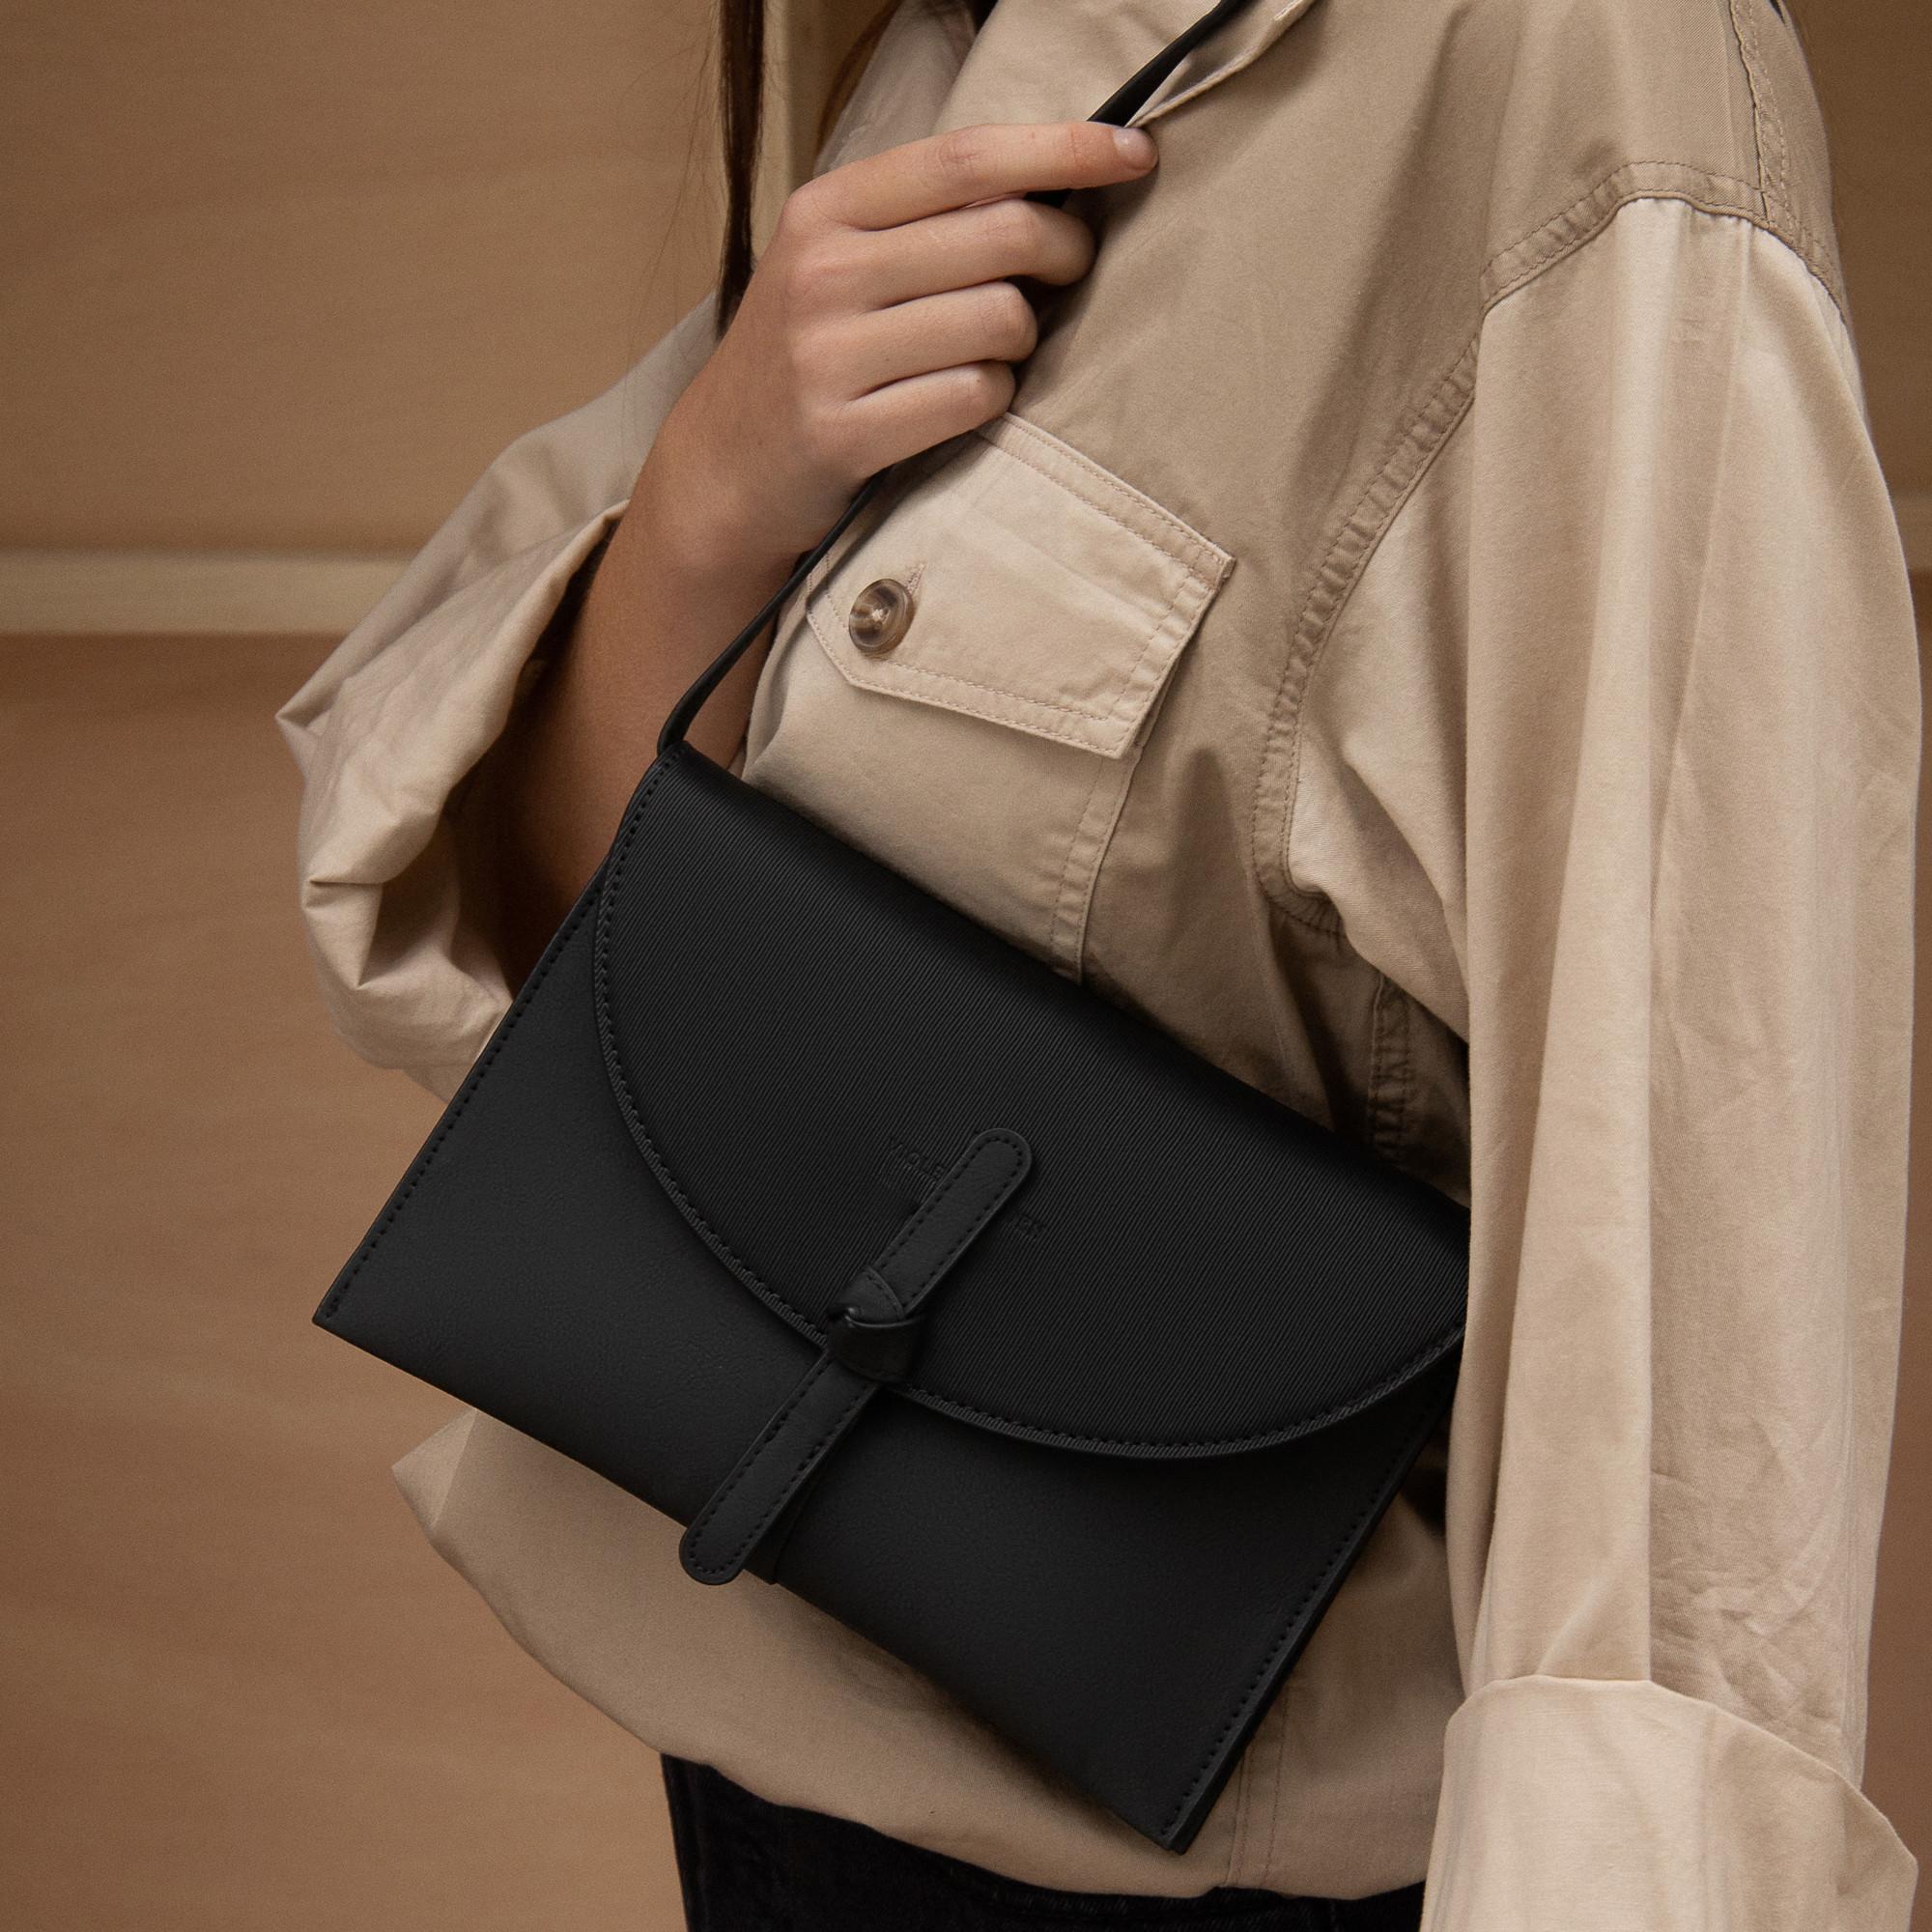 Violet Hamden Essential Bag Black Clutch VH22005